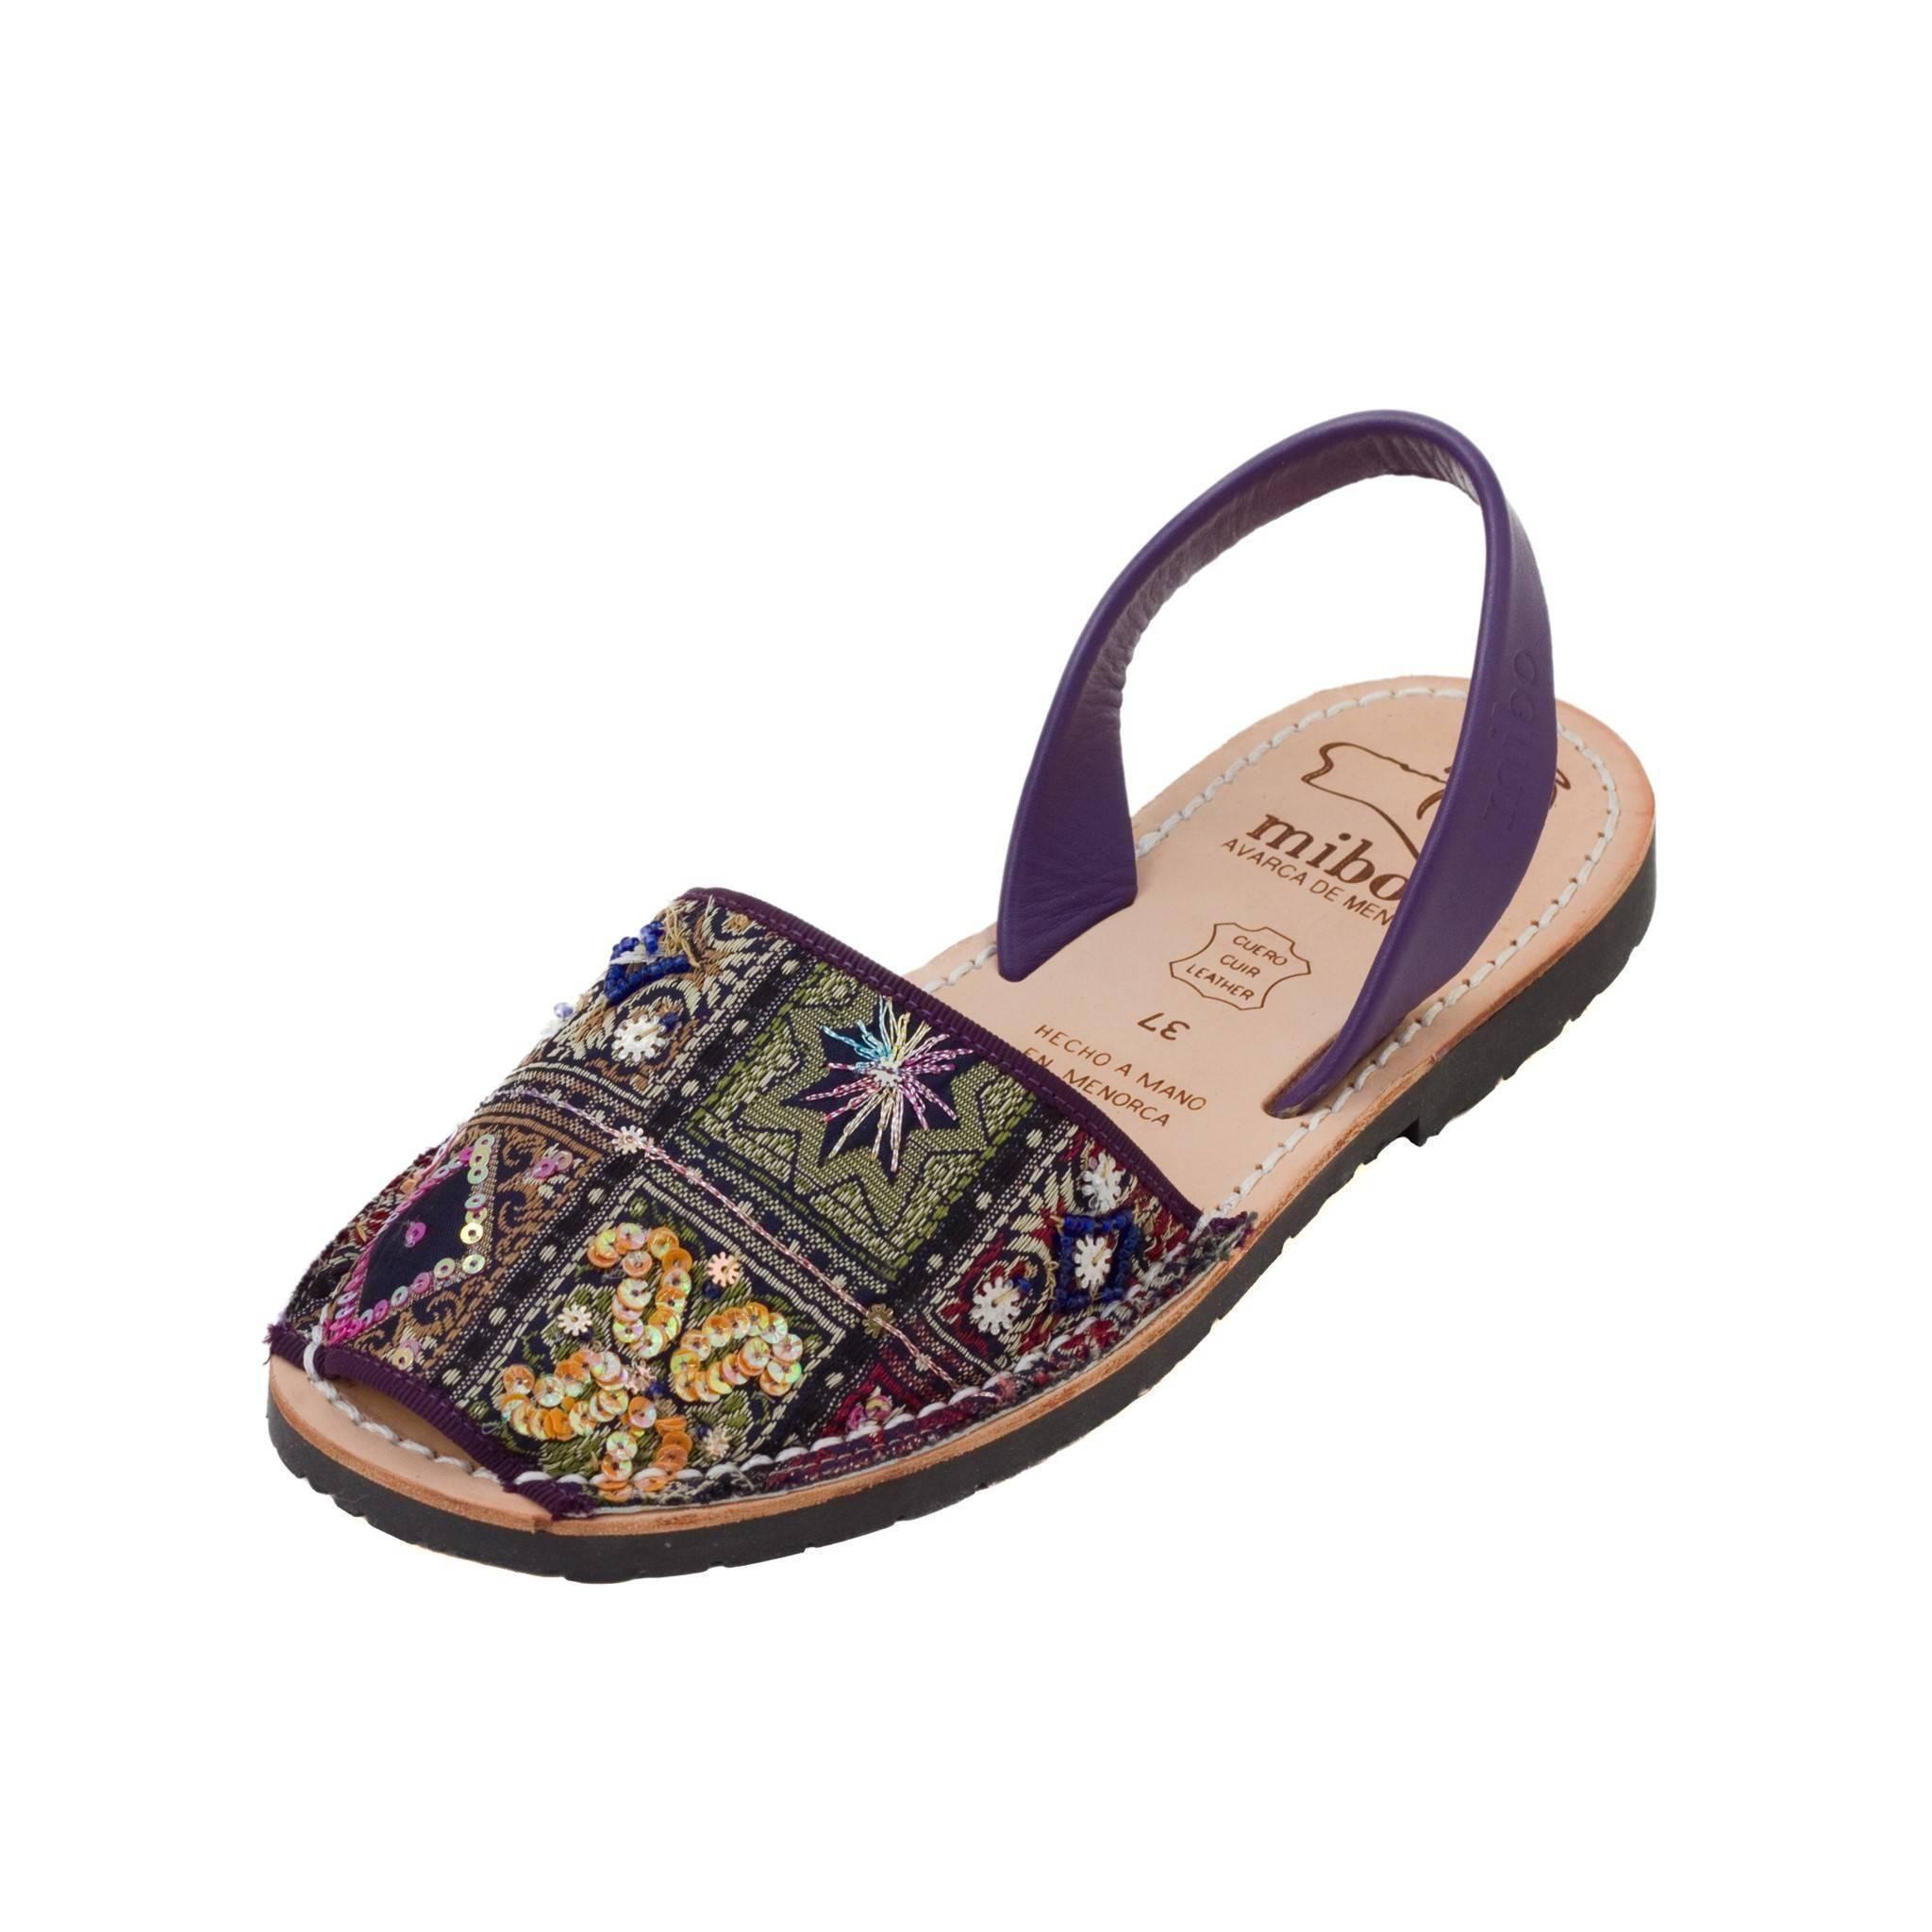 0febd1394 Basic India of Menorquin Sandals Mibo (Menorca)